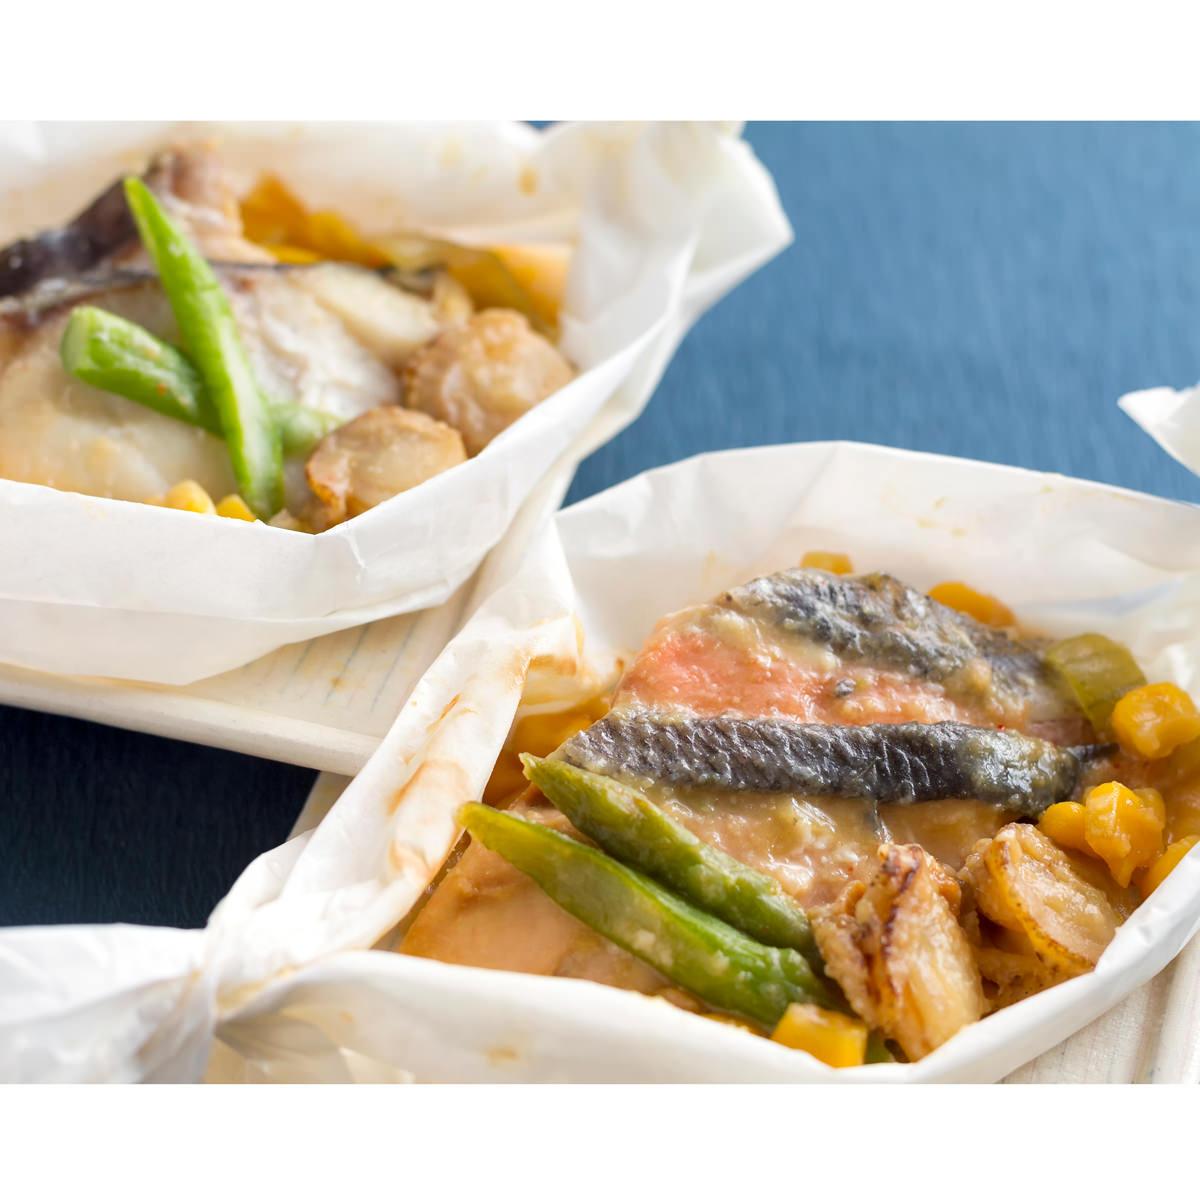 北の温もり ちゃんちゃん焼き6食 〔ちゃんちゃん焼き(鮭)100g×4、ちゃんちゃん焼き(鱈)100g×2〕 北海道 郷土料理 惣菜